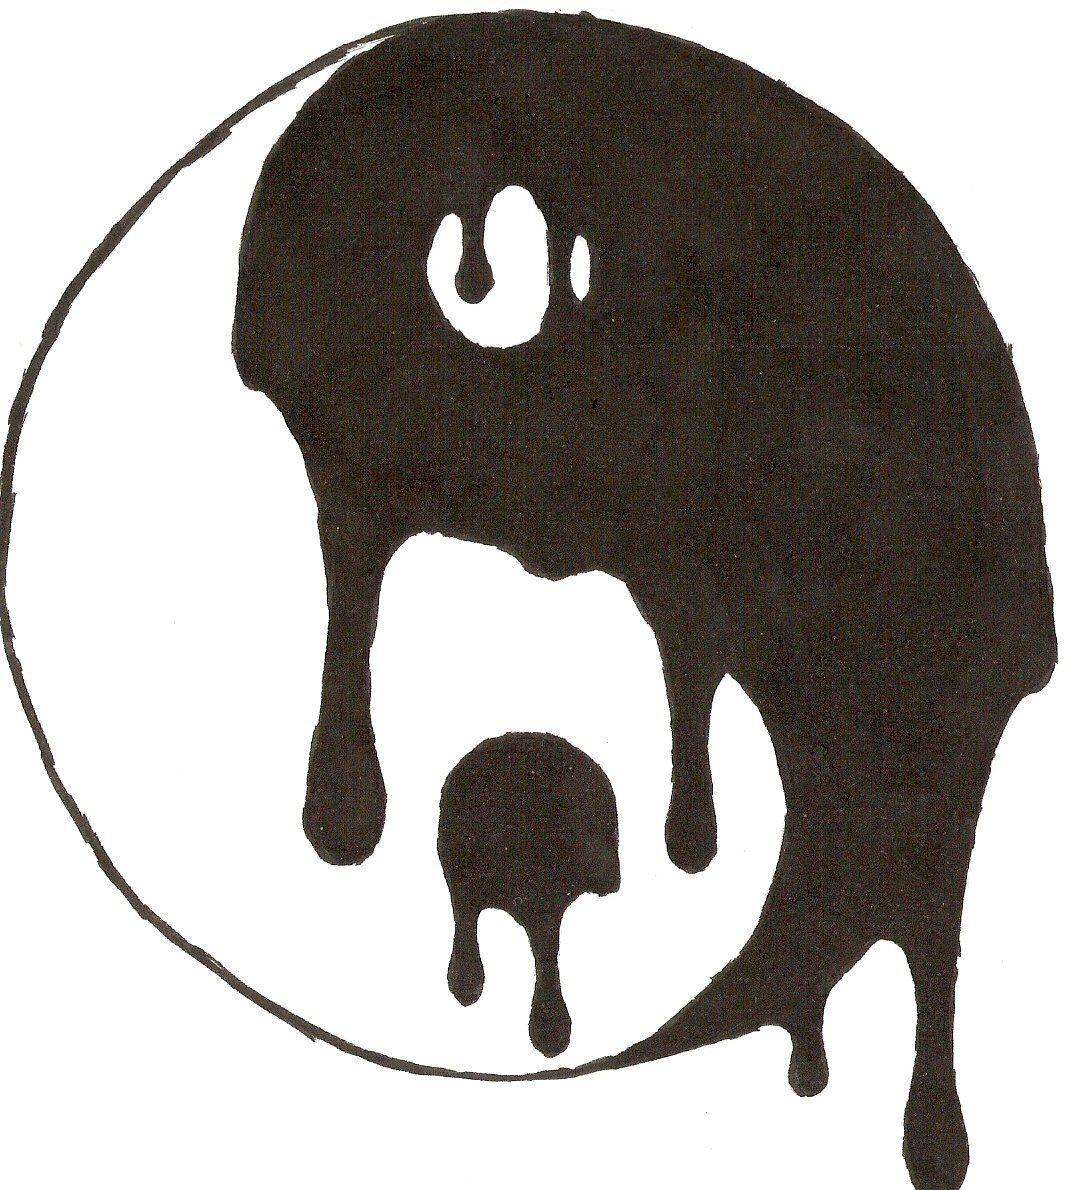 Yin yang design yin yang melt 02 2009 04 18 tattoos for Quick things to draw